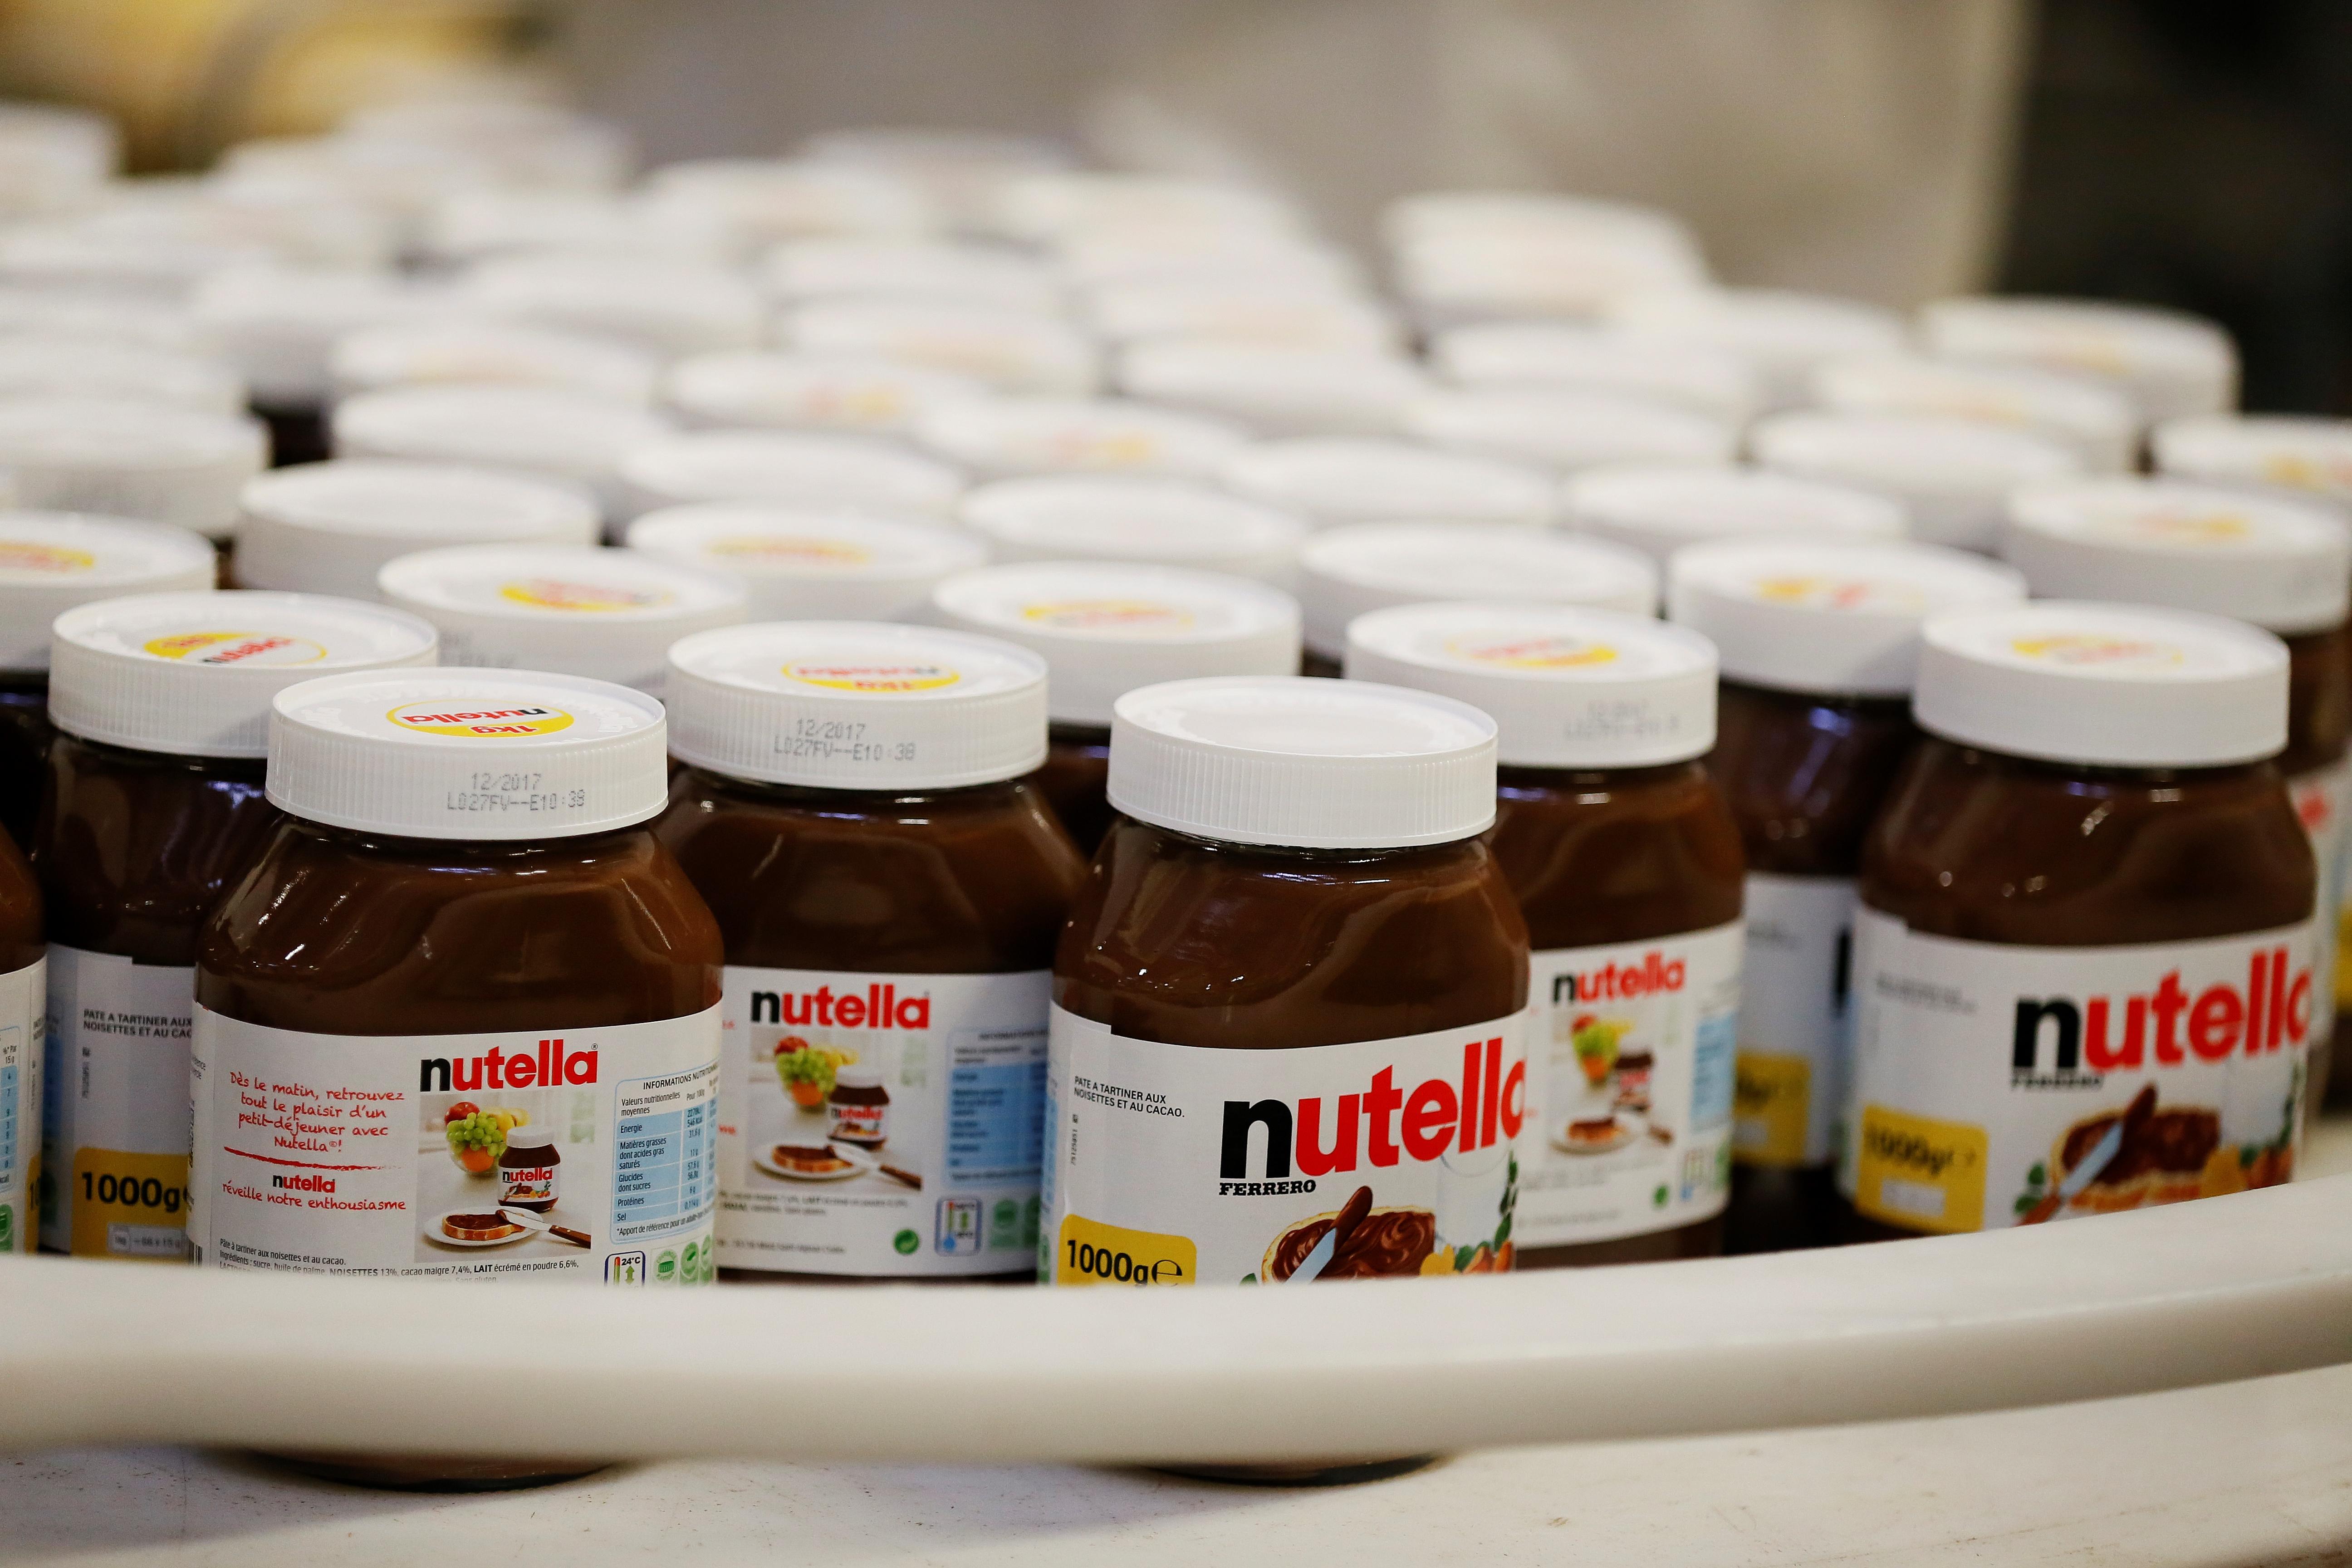 Titokban megváltoztatták a Nutella receptjét, rengetegen kiakadtak